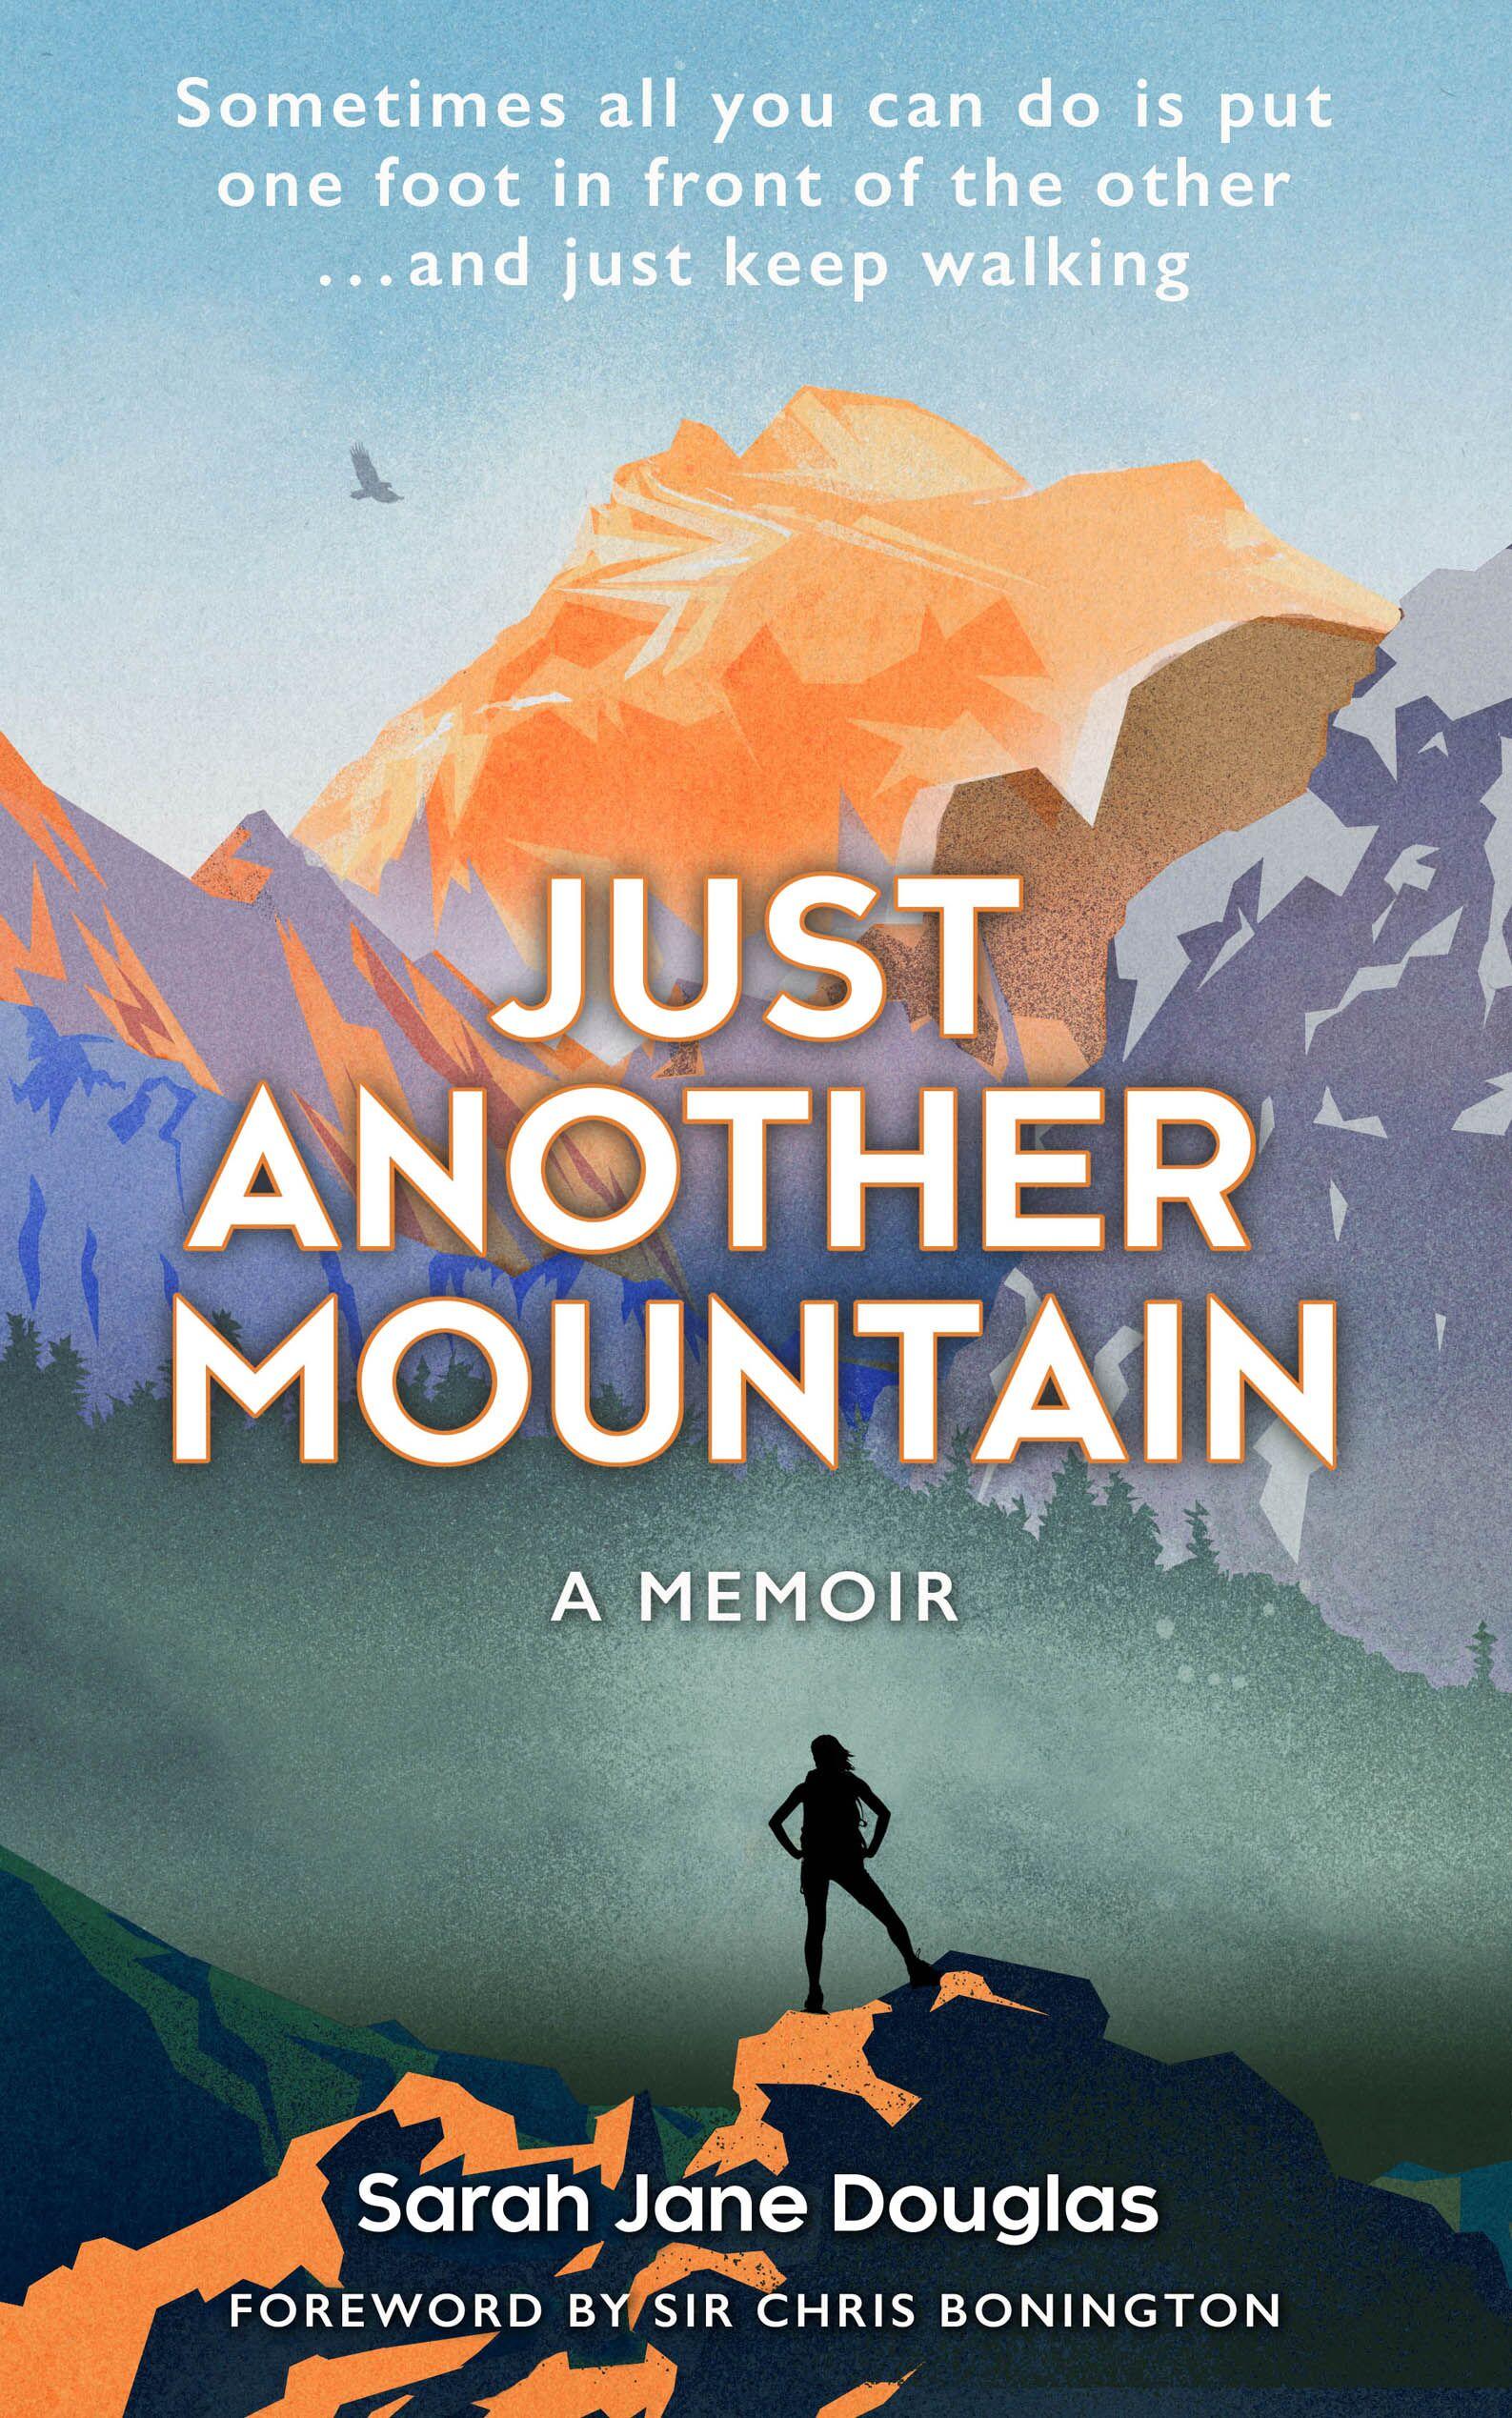 Just-another-mountain-Sarah-Jane-Douglas.jpeg